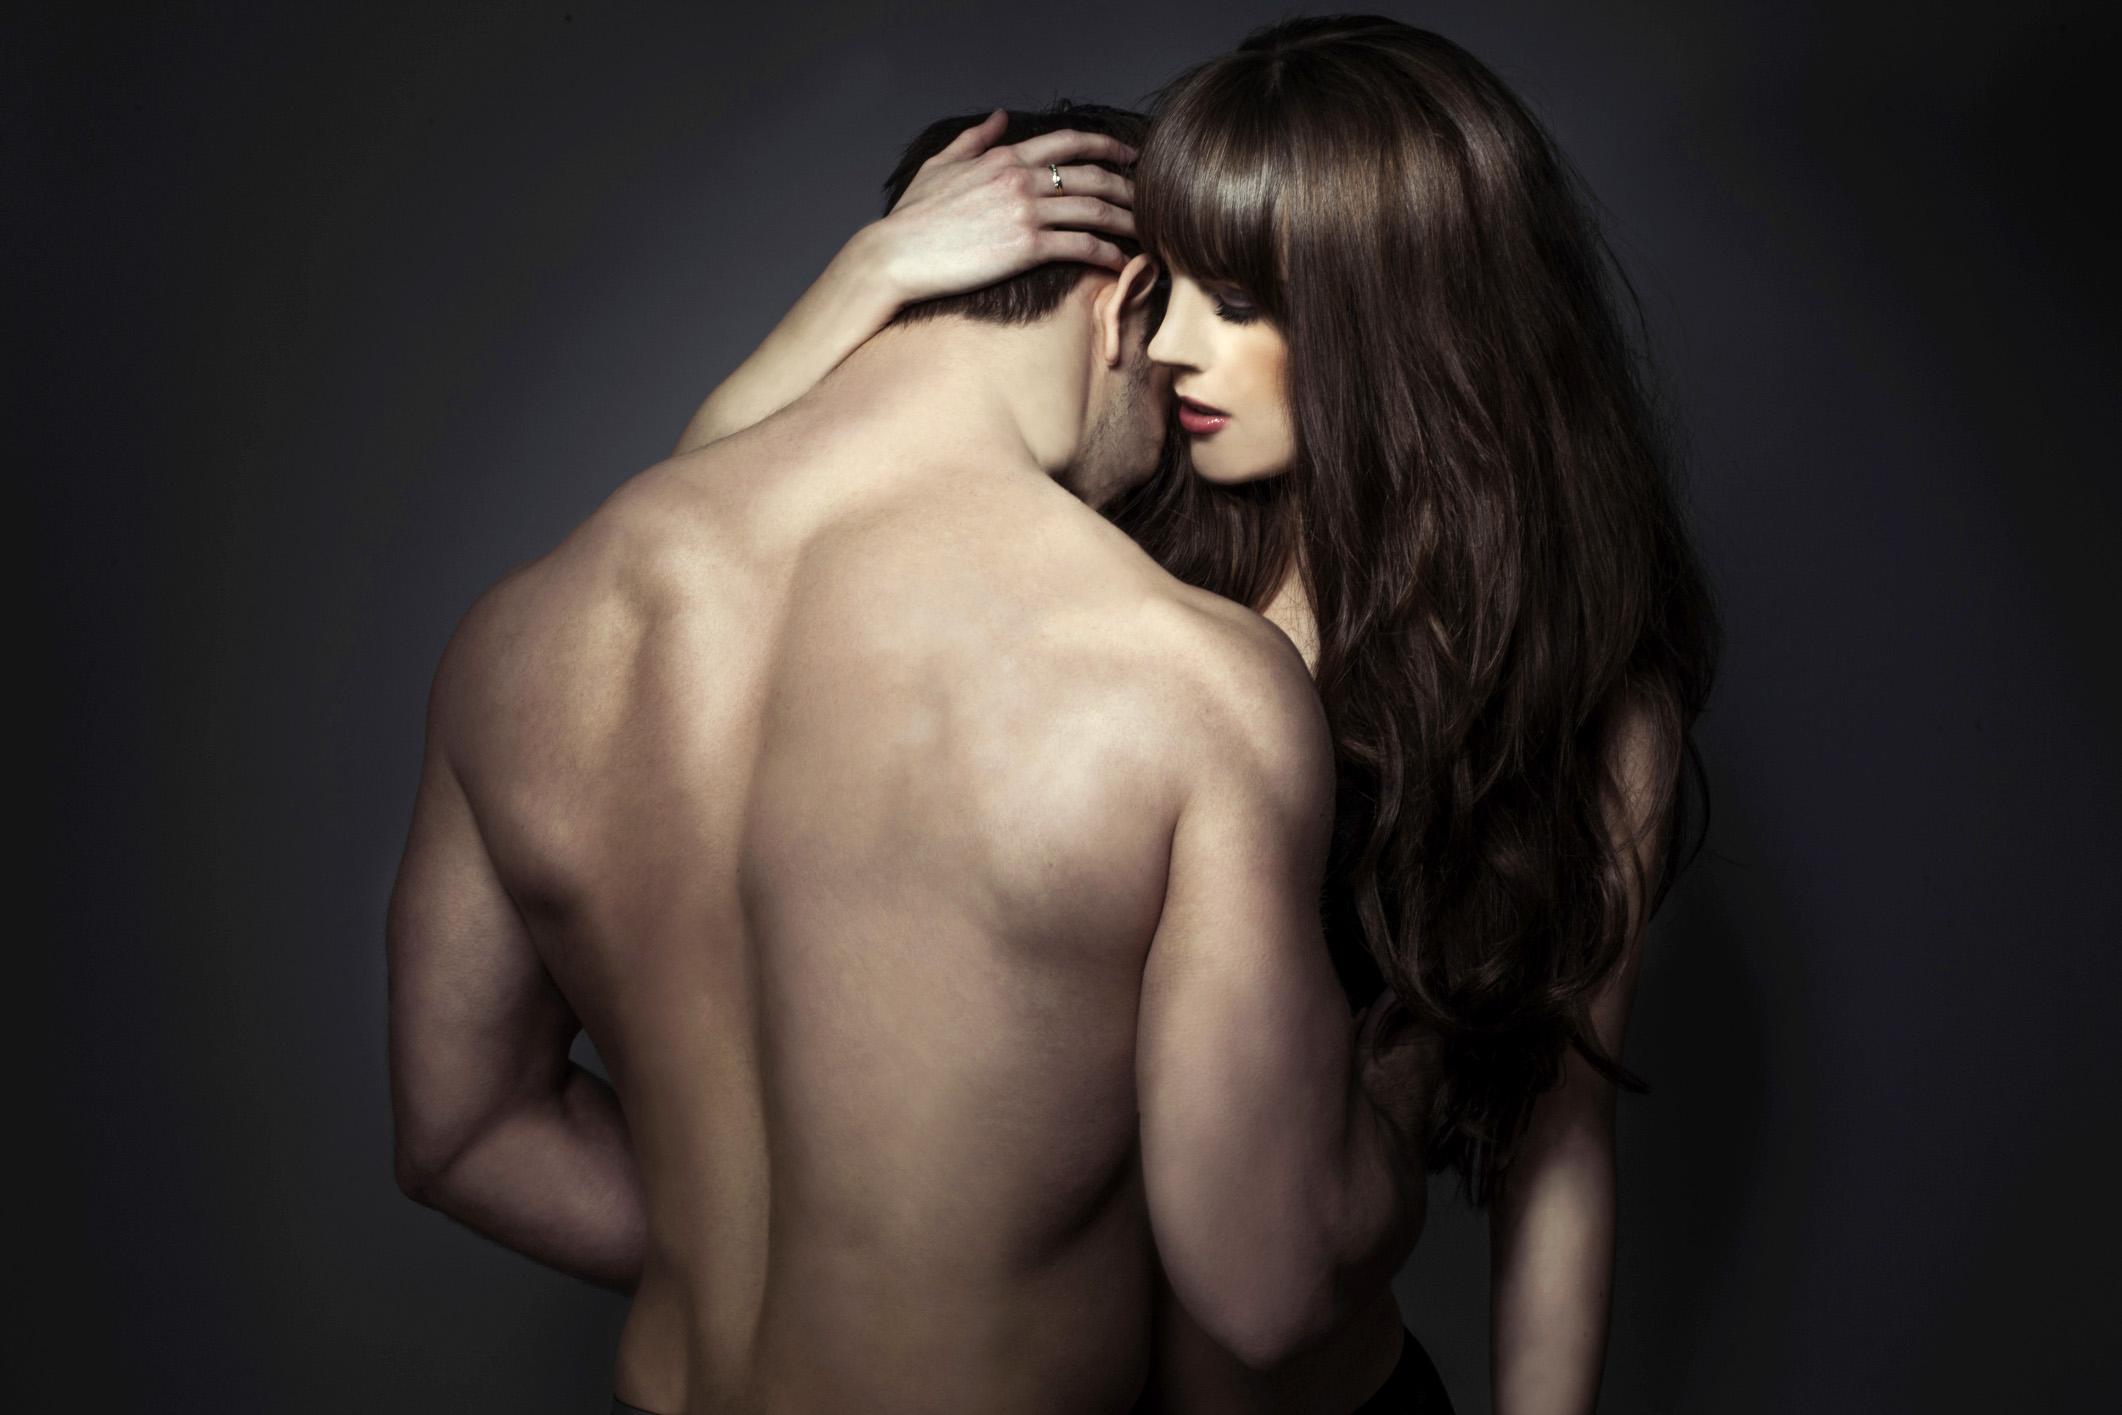 hogyan lehet stimulálni az erekciót a férfiaknál)